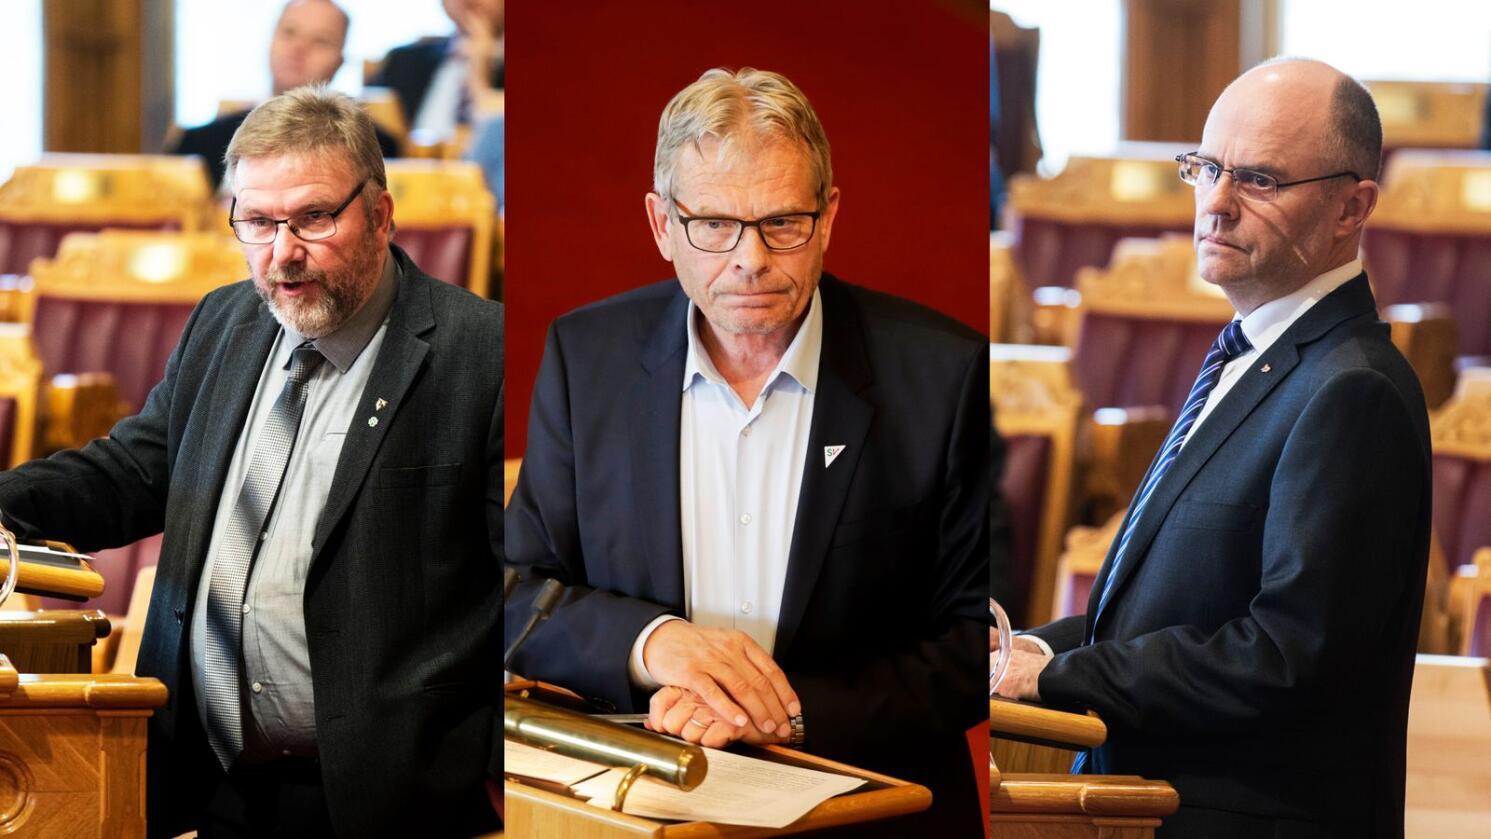 Frå høgre Steinar Reiten (KrF), Arne Nævra (SV) og Bent Fasteraunet (Sp) som ikkje ville hatt plass på Stortinget om dagens vallov hadde gjeldt ved stortingsvalet i 2017. Foto: NTB